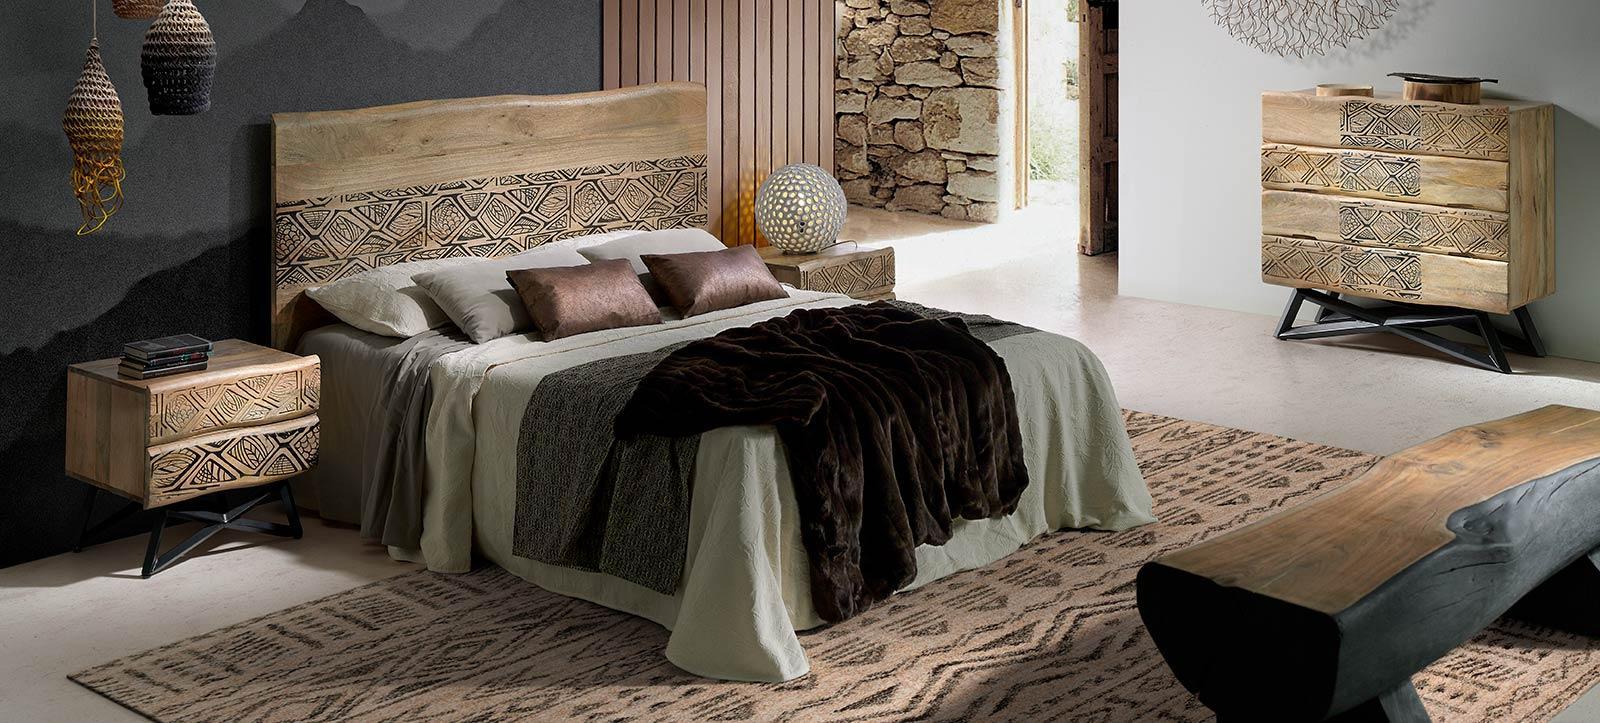 Meuble de rangement pour chambre exotique, lits baldaquin en bois